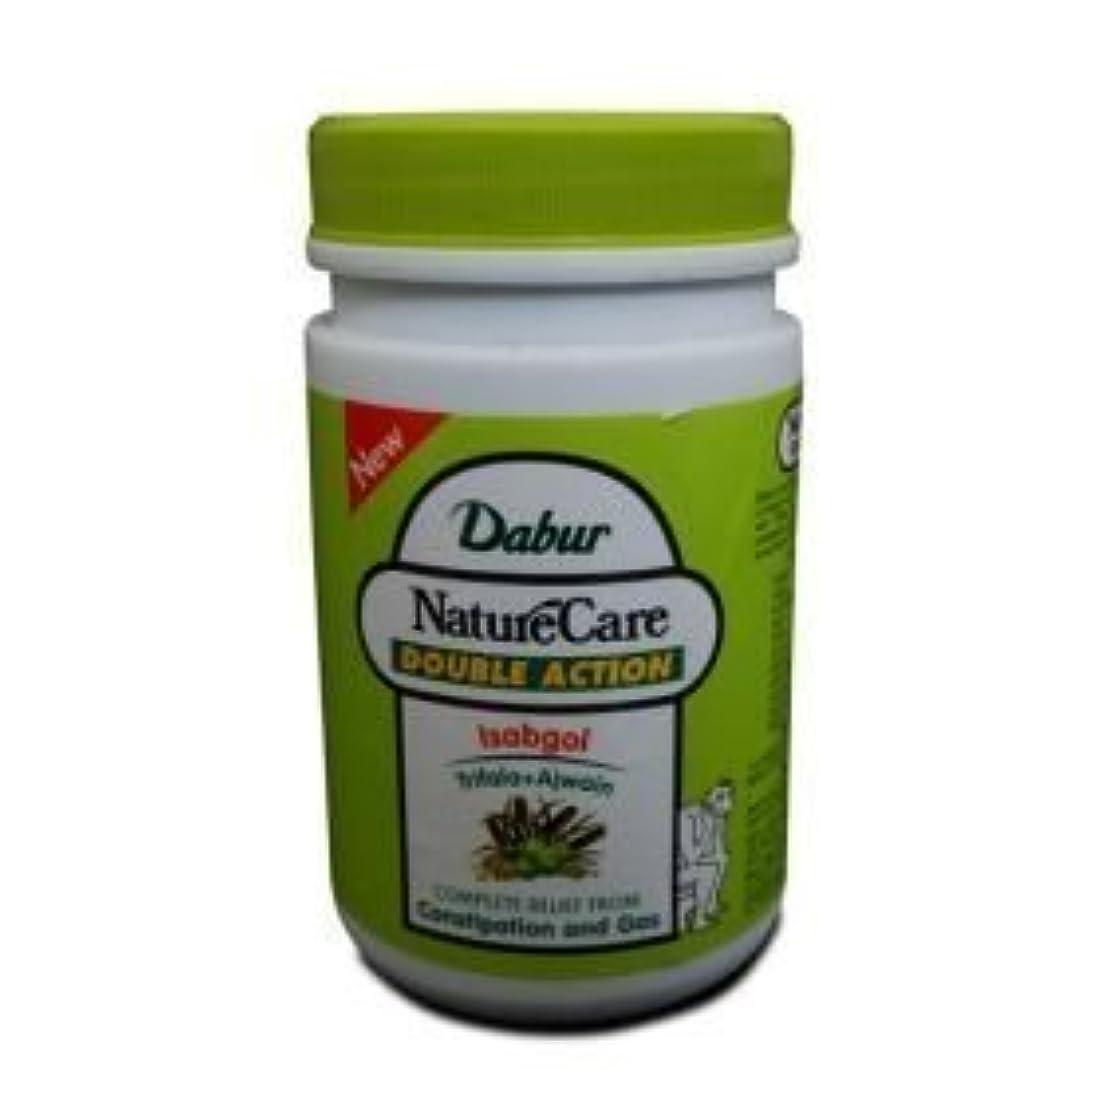 場所カプラー記念品Dabur Naturecare Double Action Isabgol Husk Effective Relief From Gas,constipation 100 Grams by Dabur [並行輸入品]